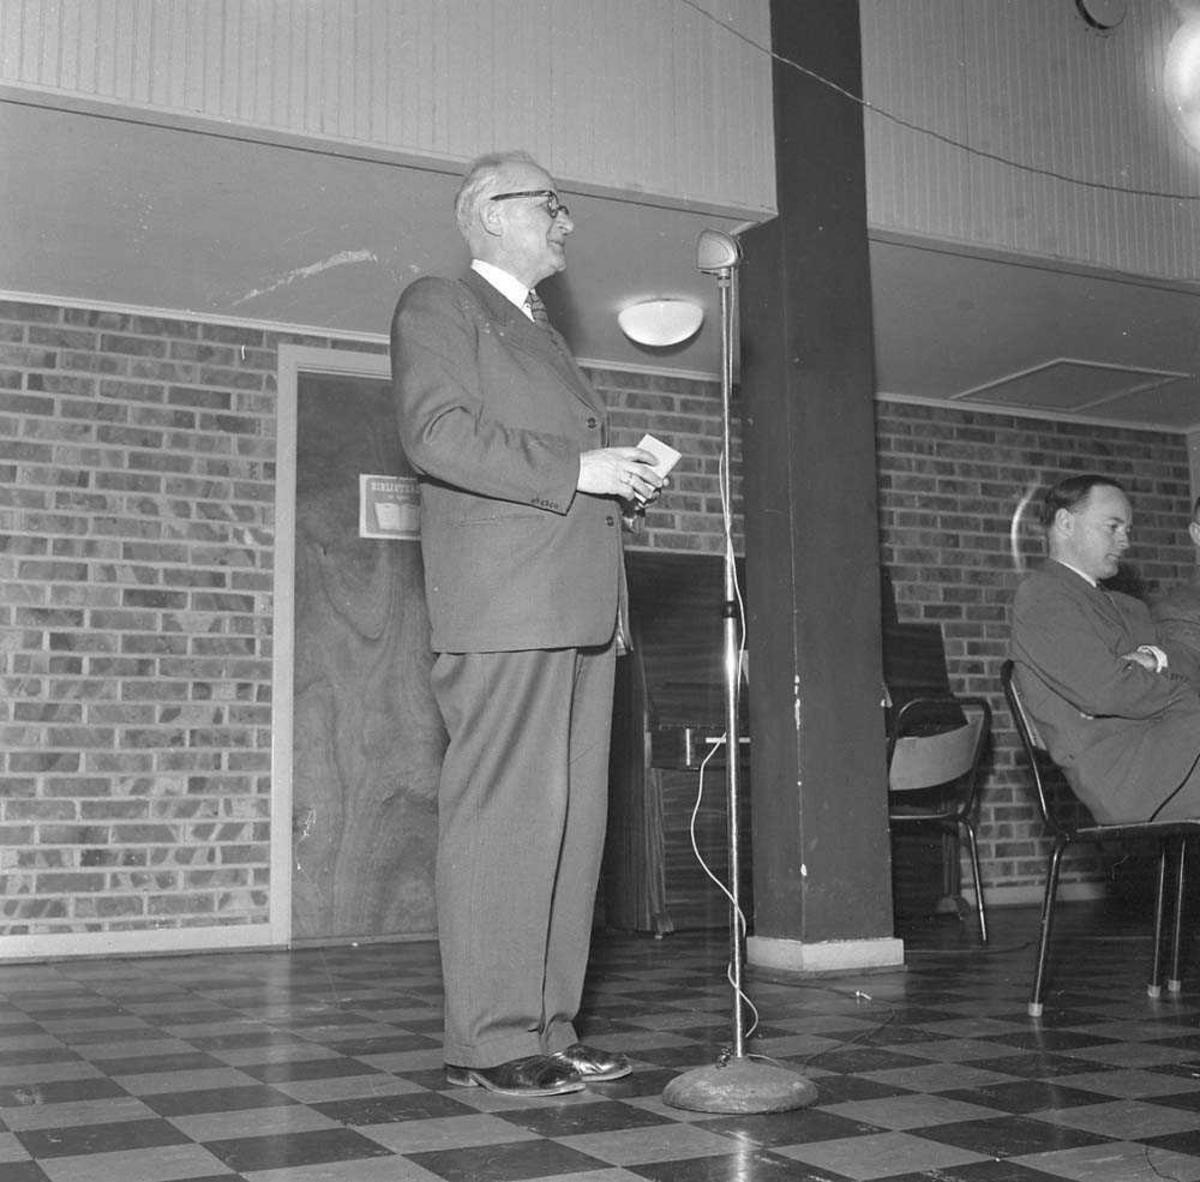 Biskop H. E. Wisløf taler i kantinen på Bodø flystasjon.